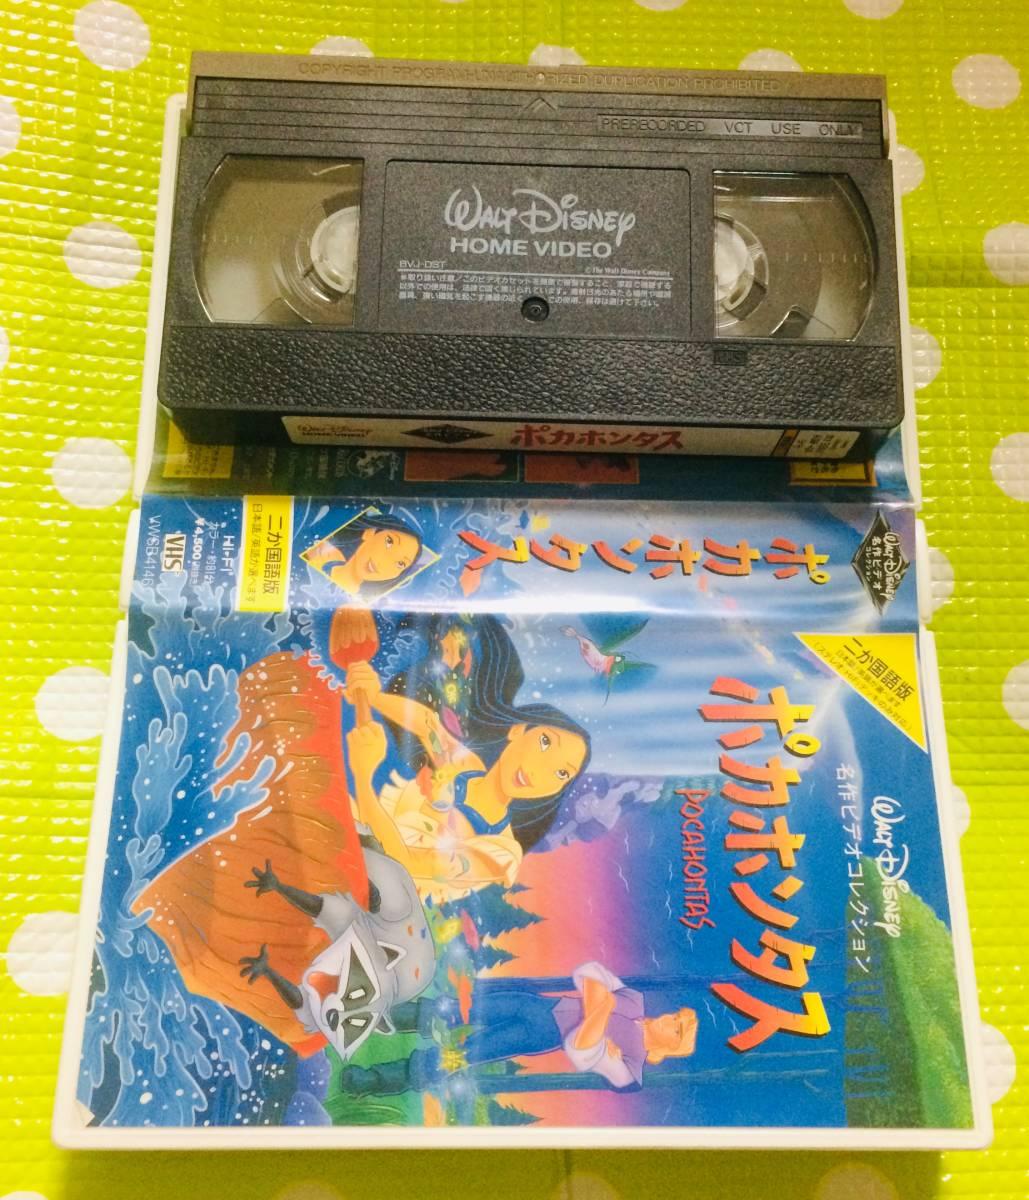 即決〈同梱歓迎〉VHS ポカホンタス 二か国語版 ディズニー アニメ◎その他ビデオ多数出品中θt6941_画像1